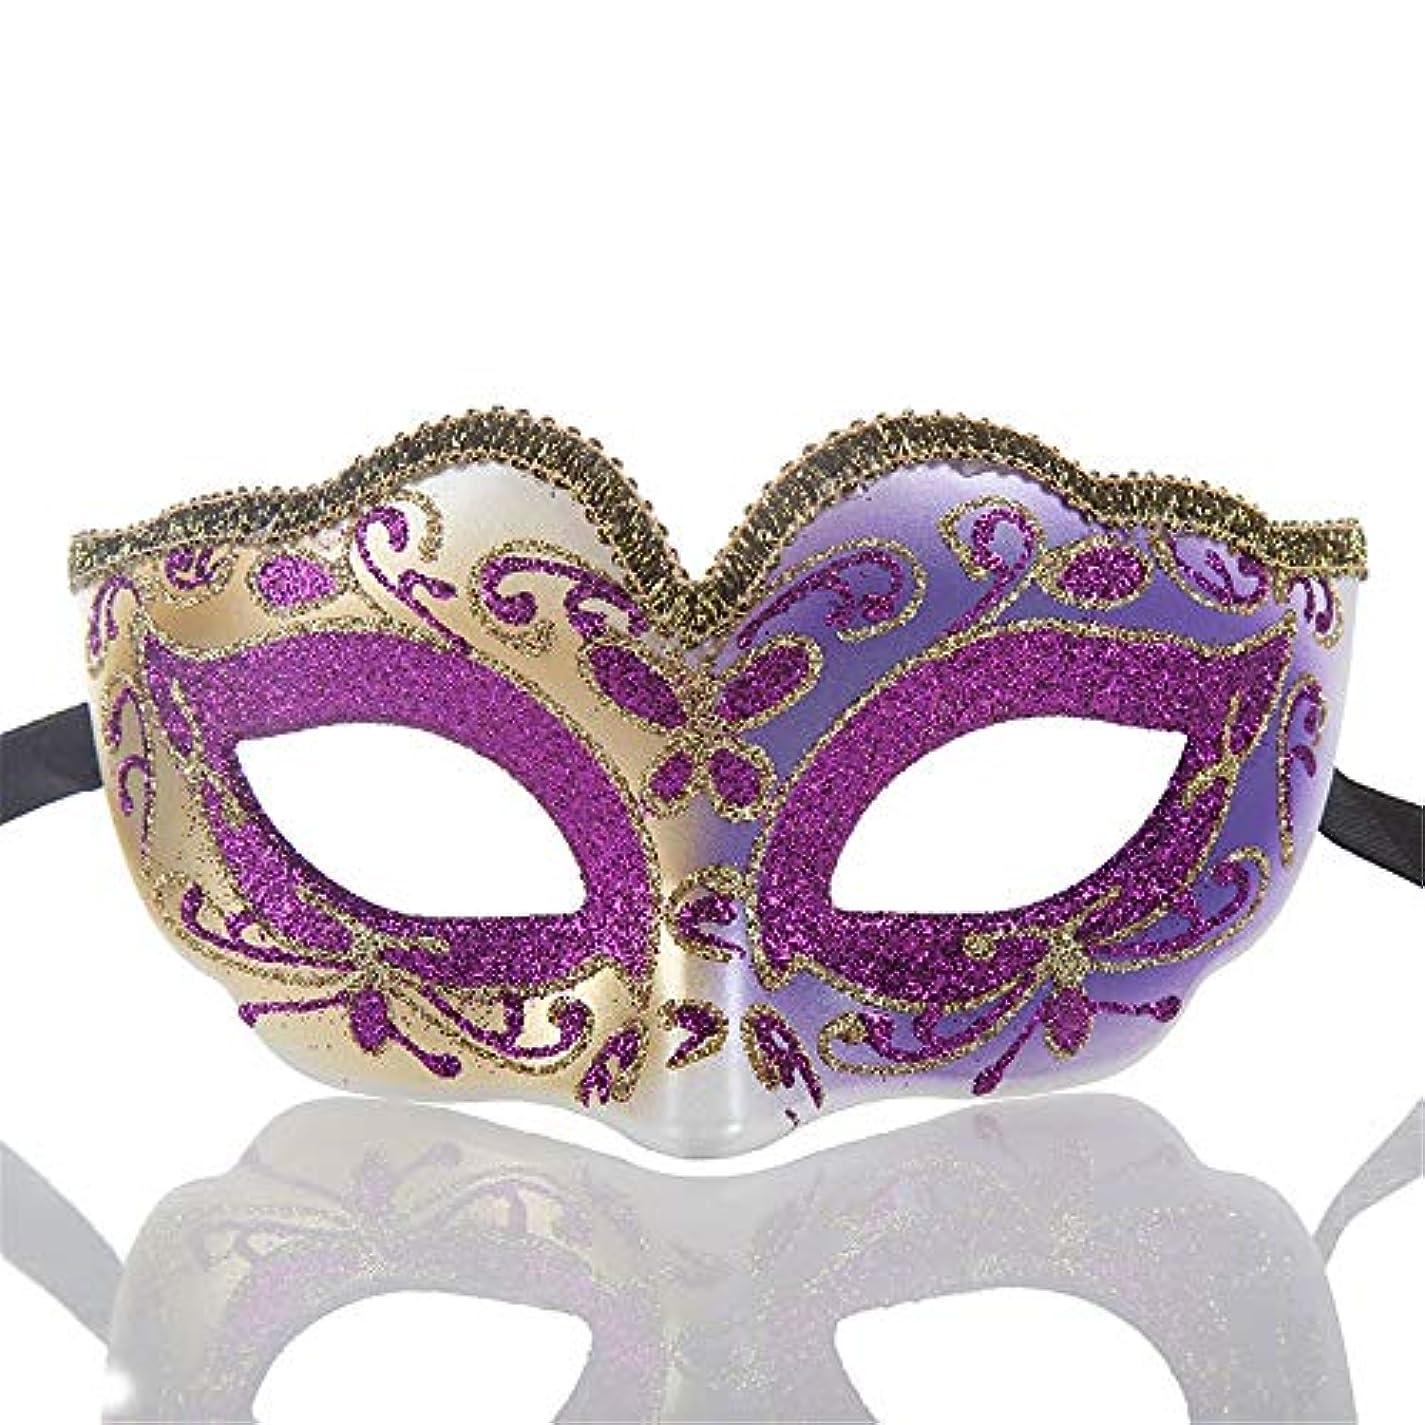 女将アーサーコナンドイル運賃ダンスマスク 仮面舞踏会マスクレース塗装プリンセスパーティーハロウィン小道具ナイトクラブ雰囲気クリスマスフェスティバルロールプレイングプラスチックマスク ホリデーパーティー用品 (色 : 紫の, サイズ : 14.5*7.5cm)